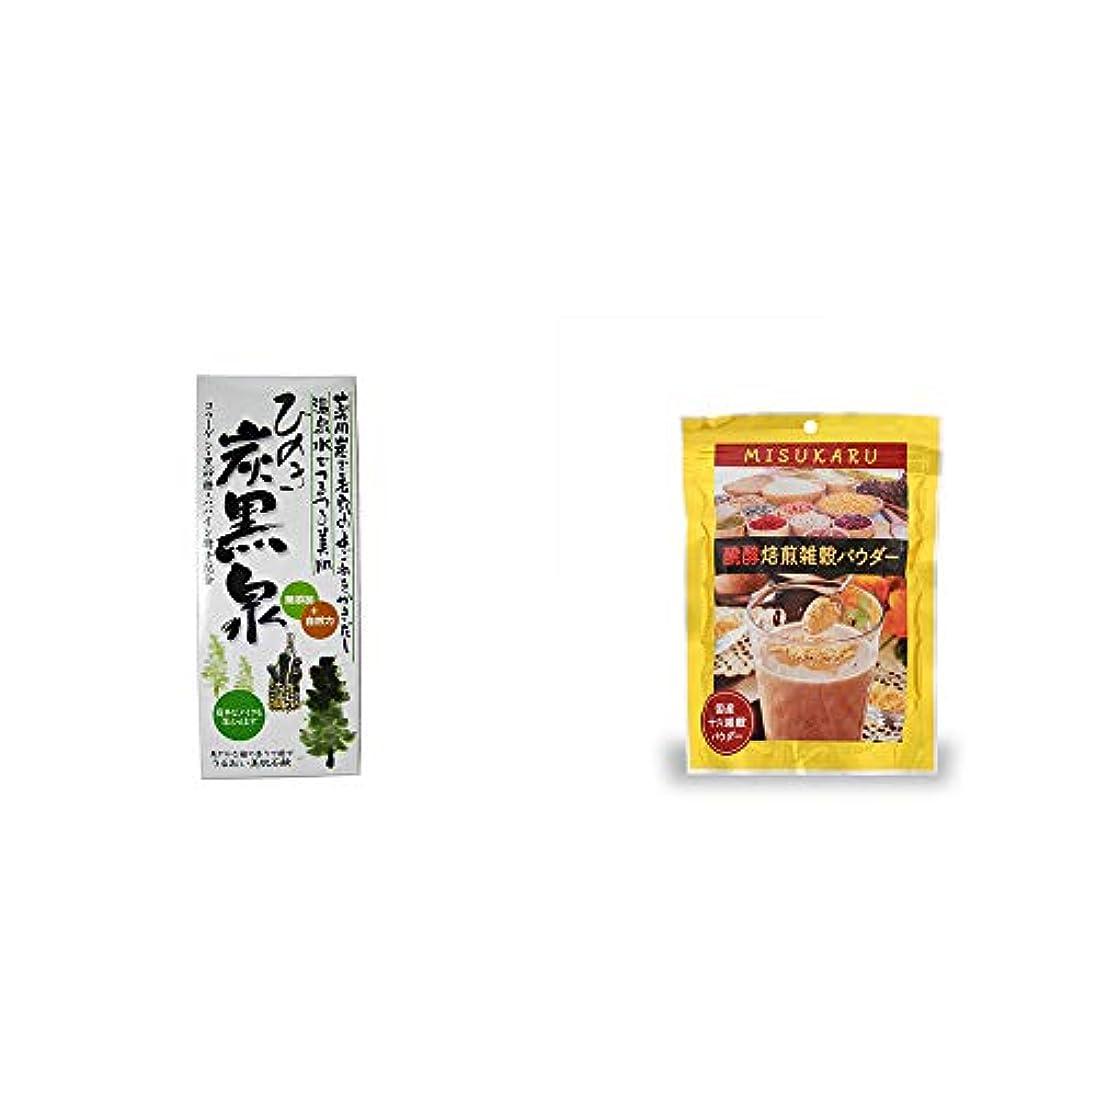 頭痛ベテランのれん[2点セット] ひのき炭黒泉 箱入り(75g×3)?醗酵焙煎雑穀パウダー MISUKARU(ミスカル)(200g)